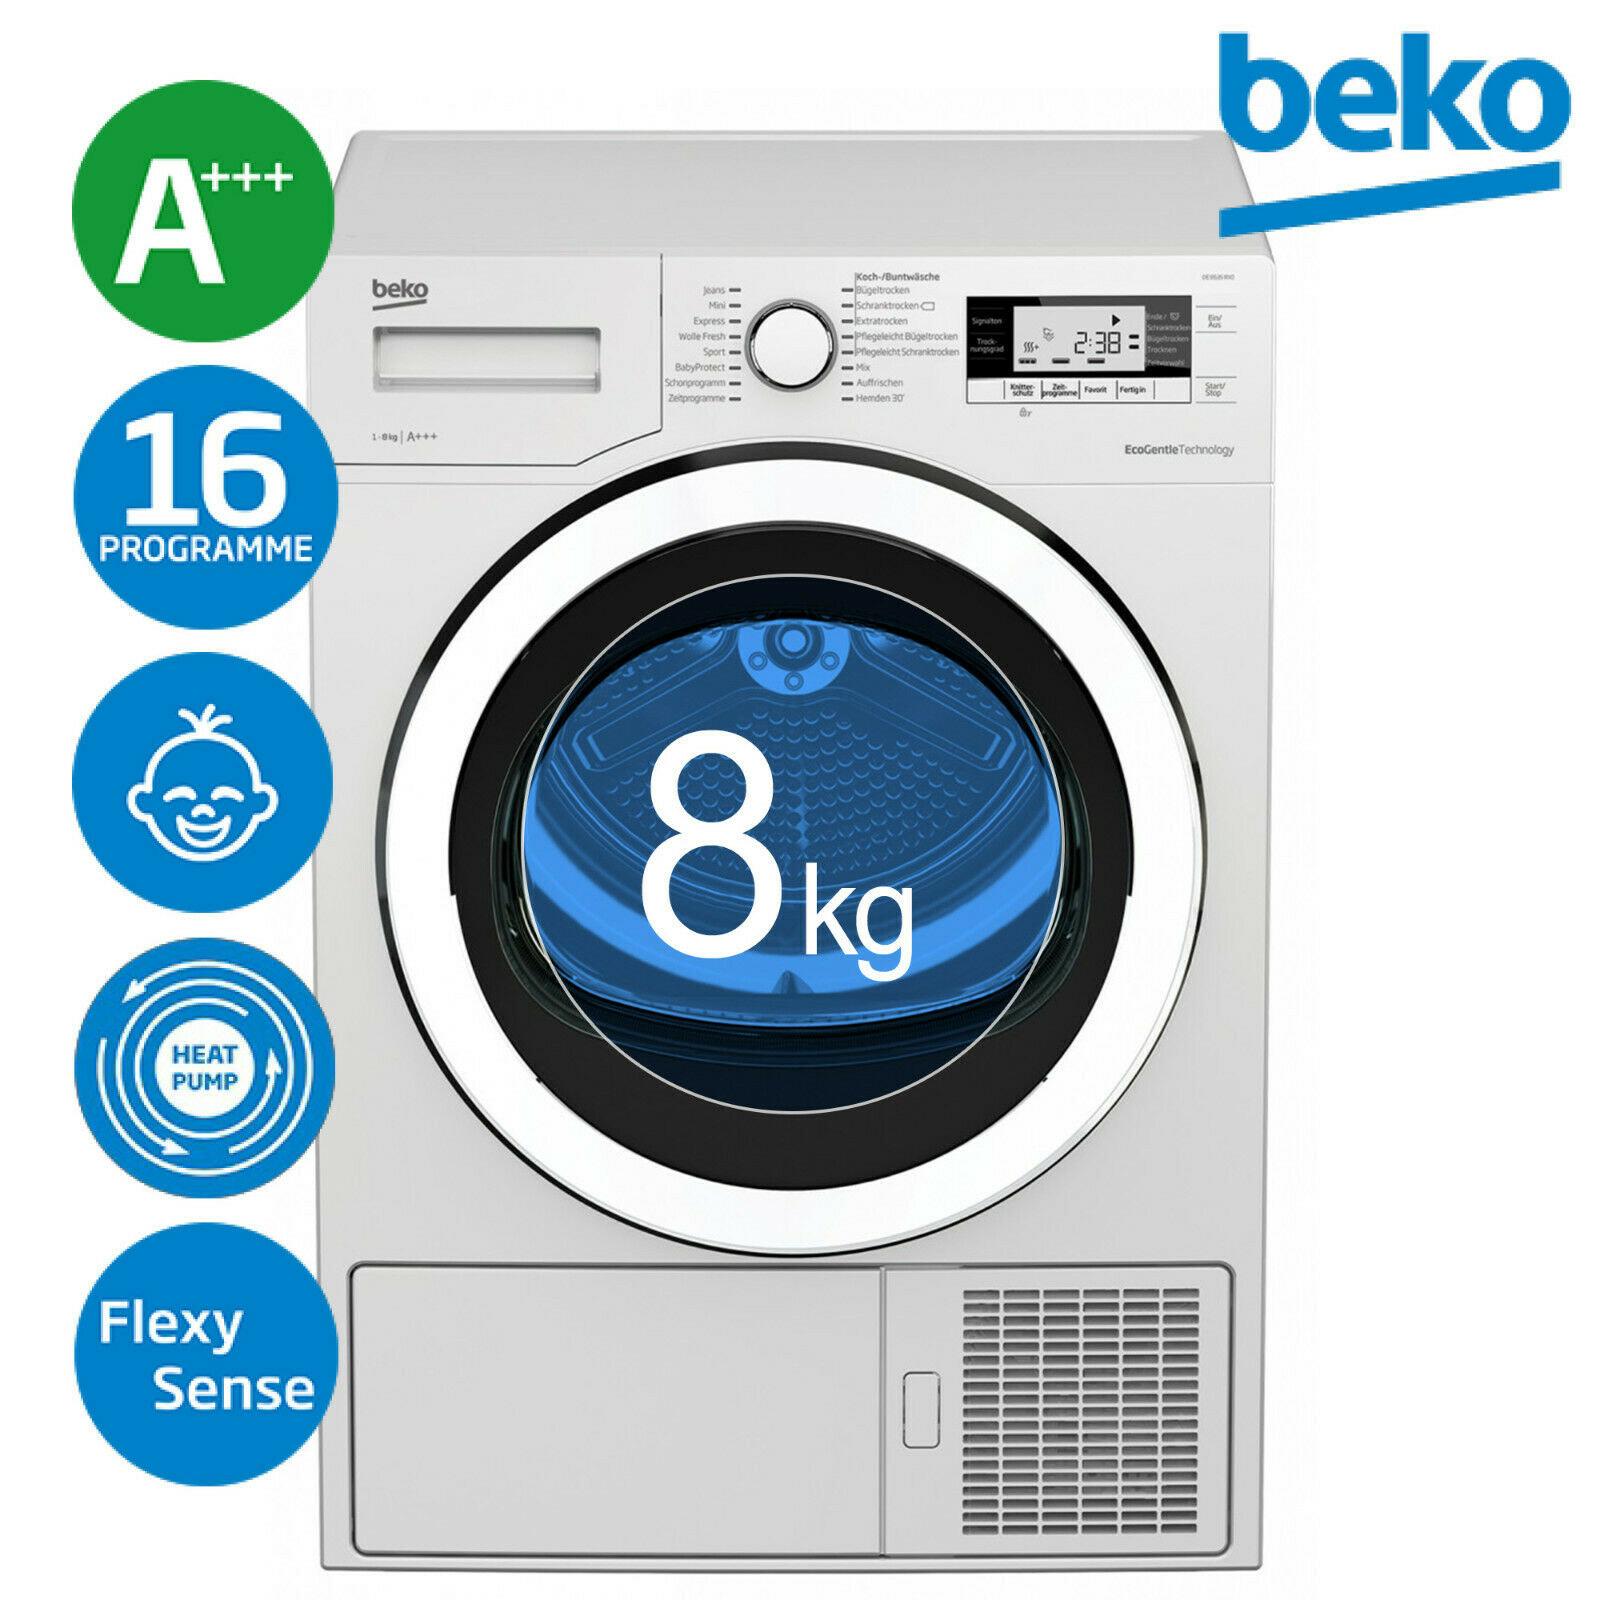 [eBay WoW] Beko DE8535RX0 A+++ Trockner Wäschetrockner Wärmepumpentrockner 8kg